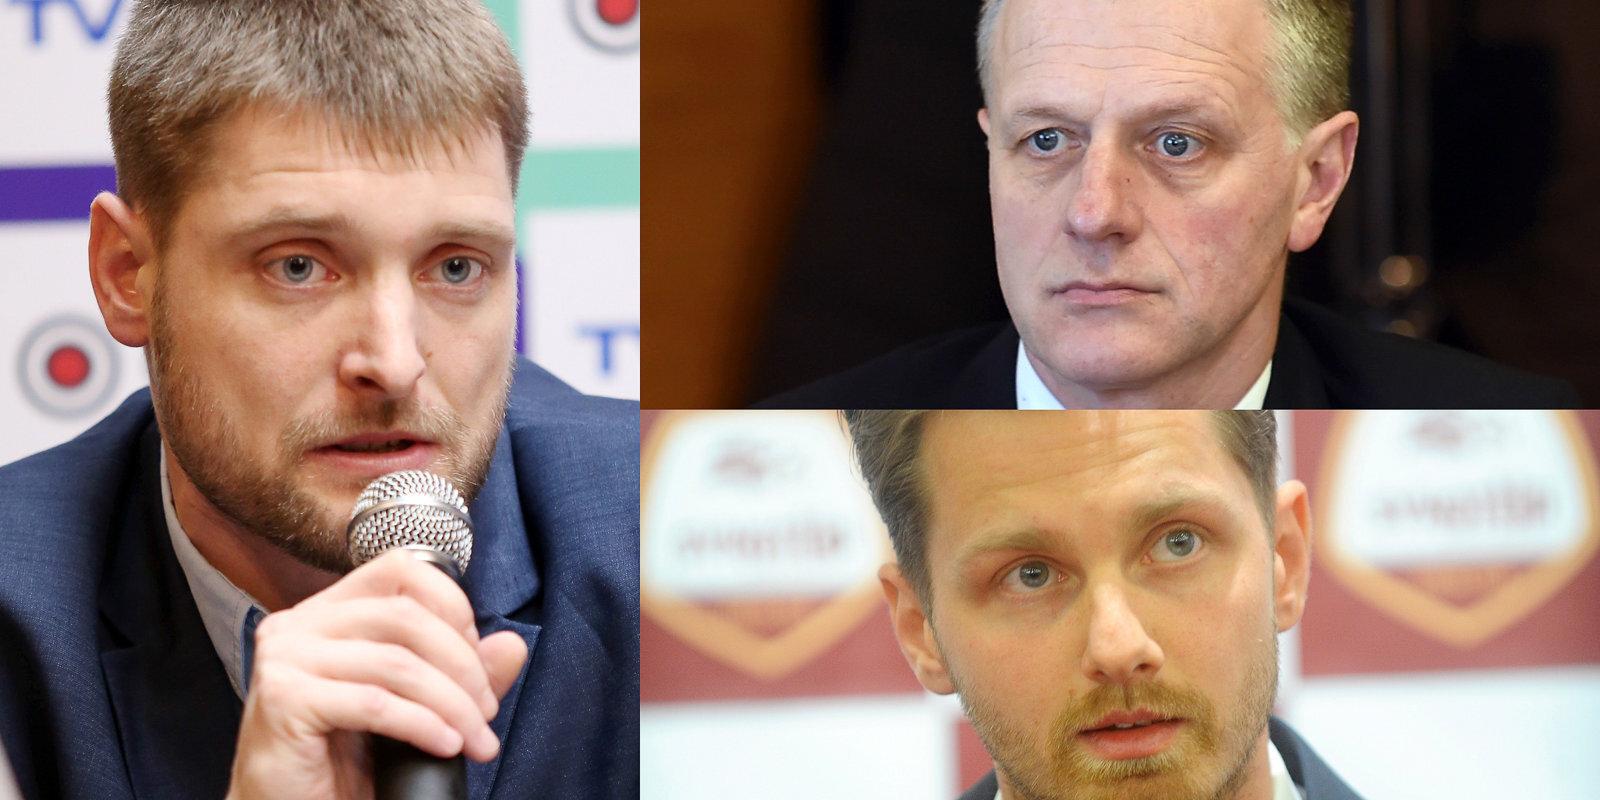 LFF amatu tīkotāji nesteidz atsaukties 'Valmiera FC' viceprezidenta aicinājumam